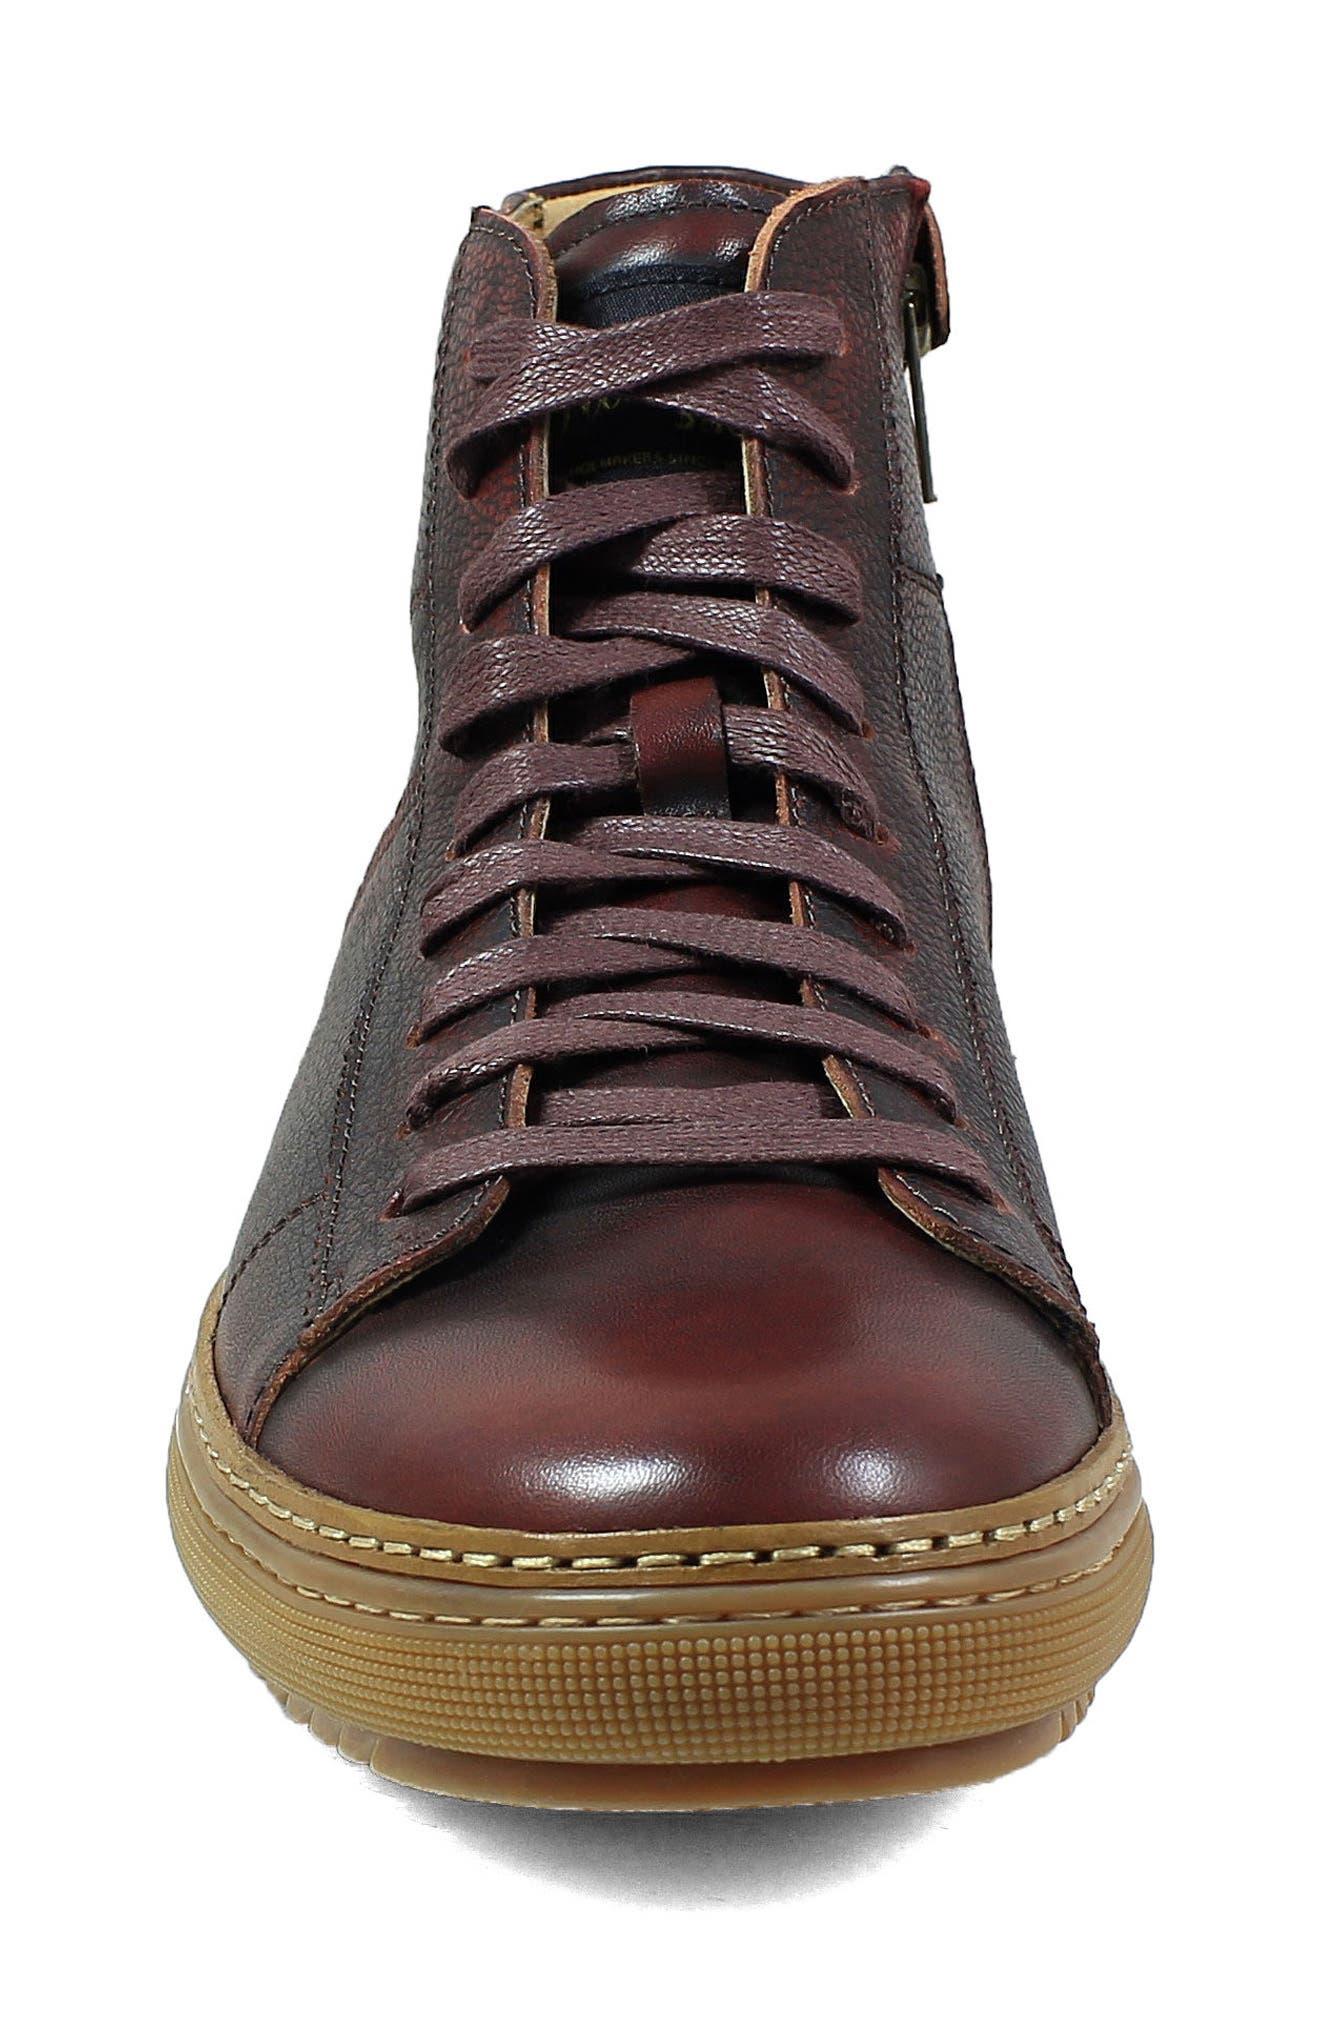 Crew Sneaker,                             Alternate thumbnail 4, color,                             Burgundy